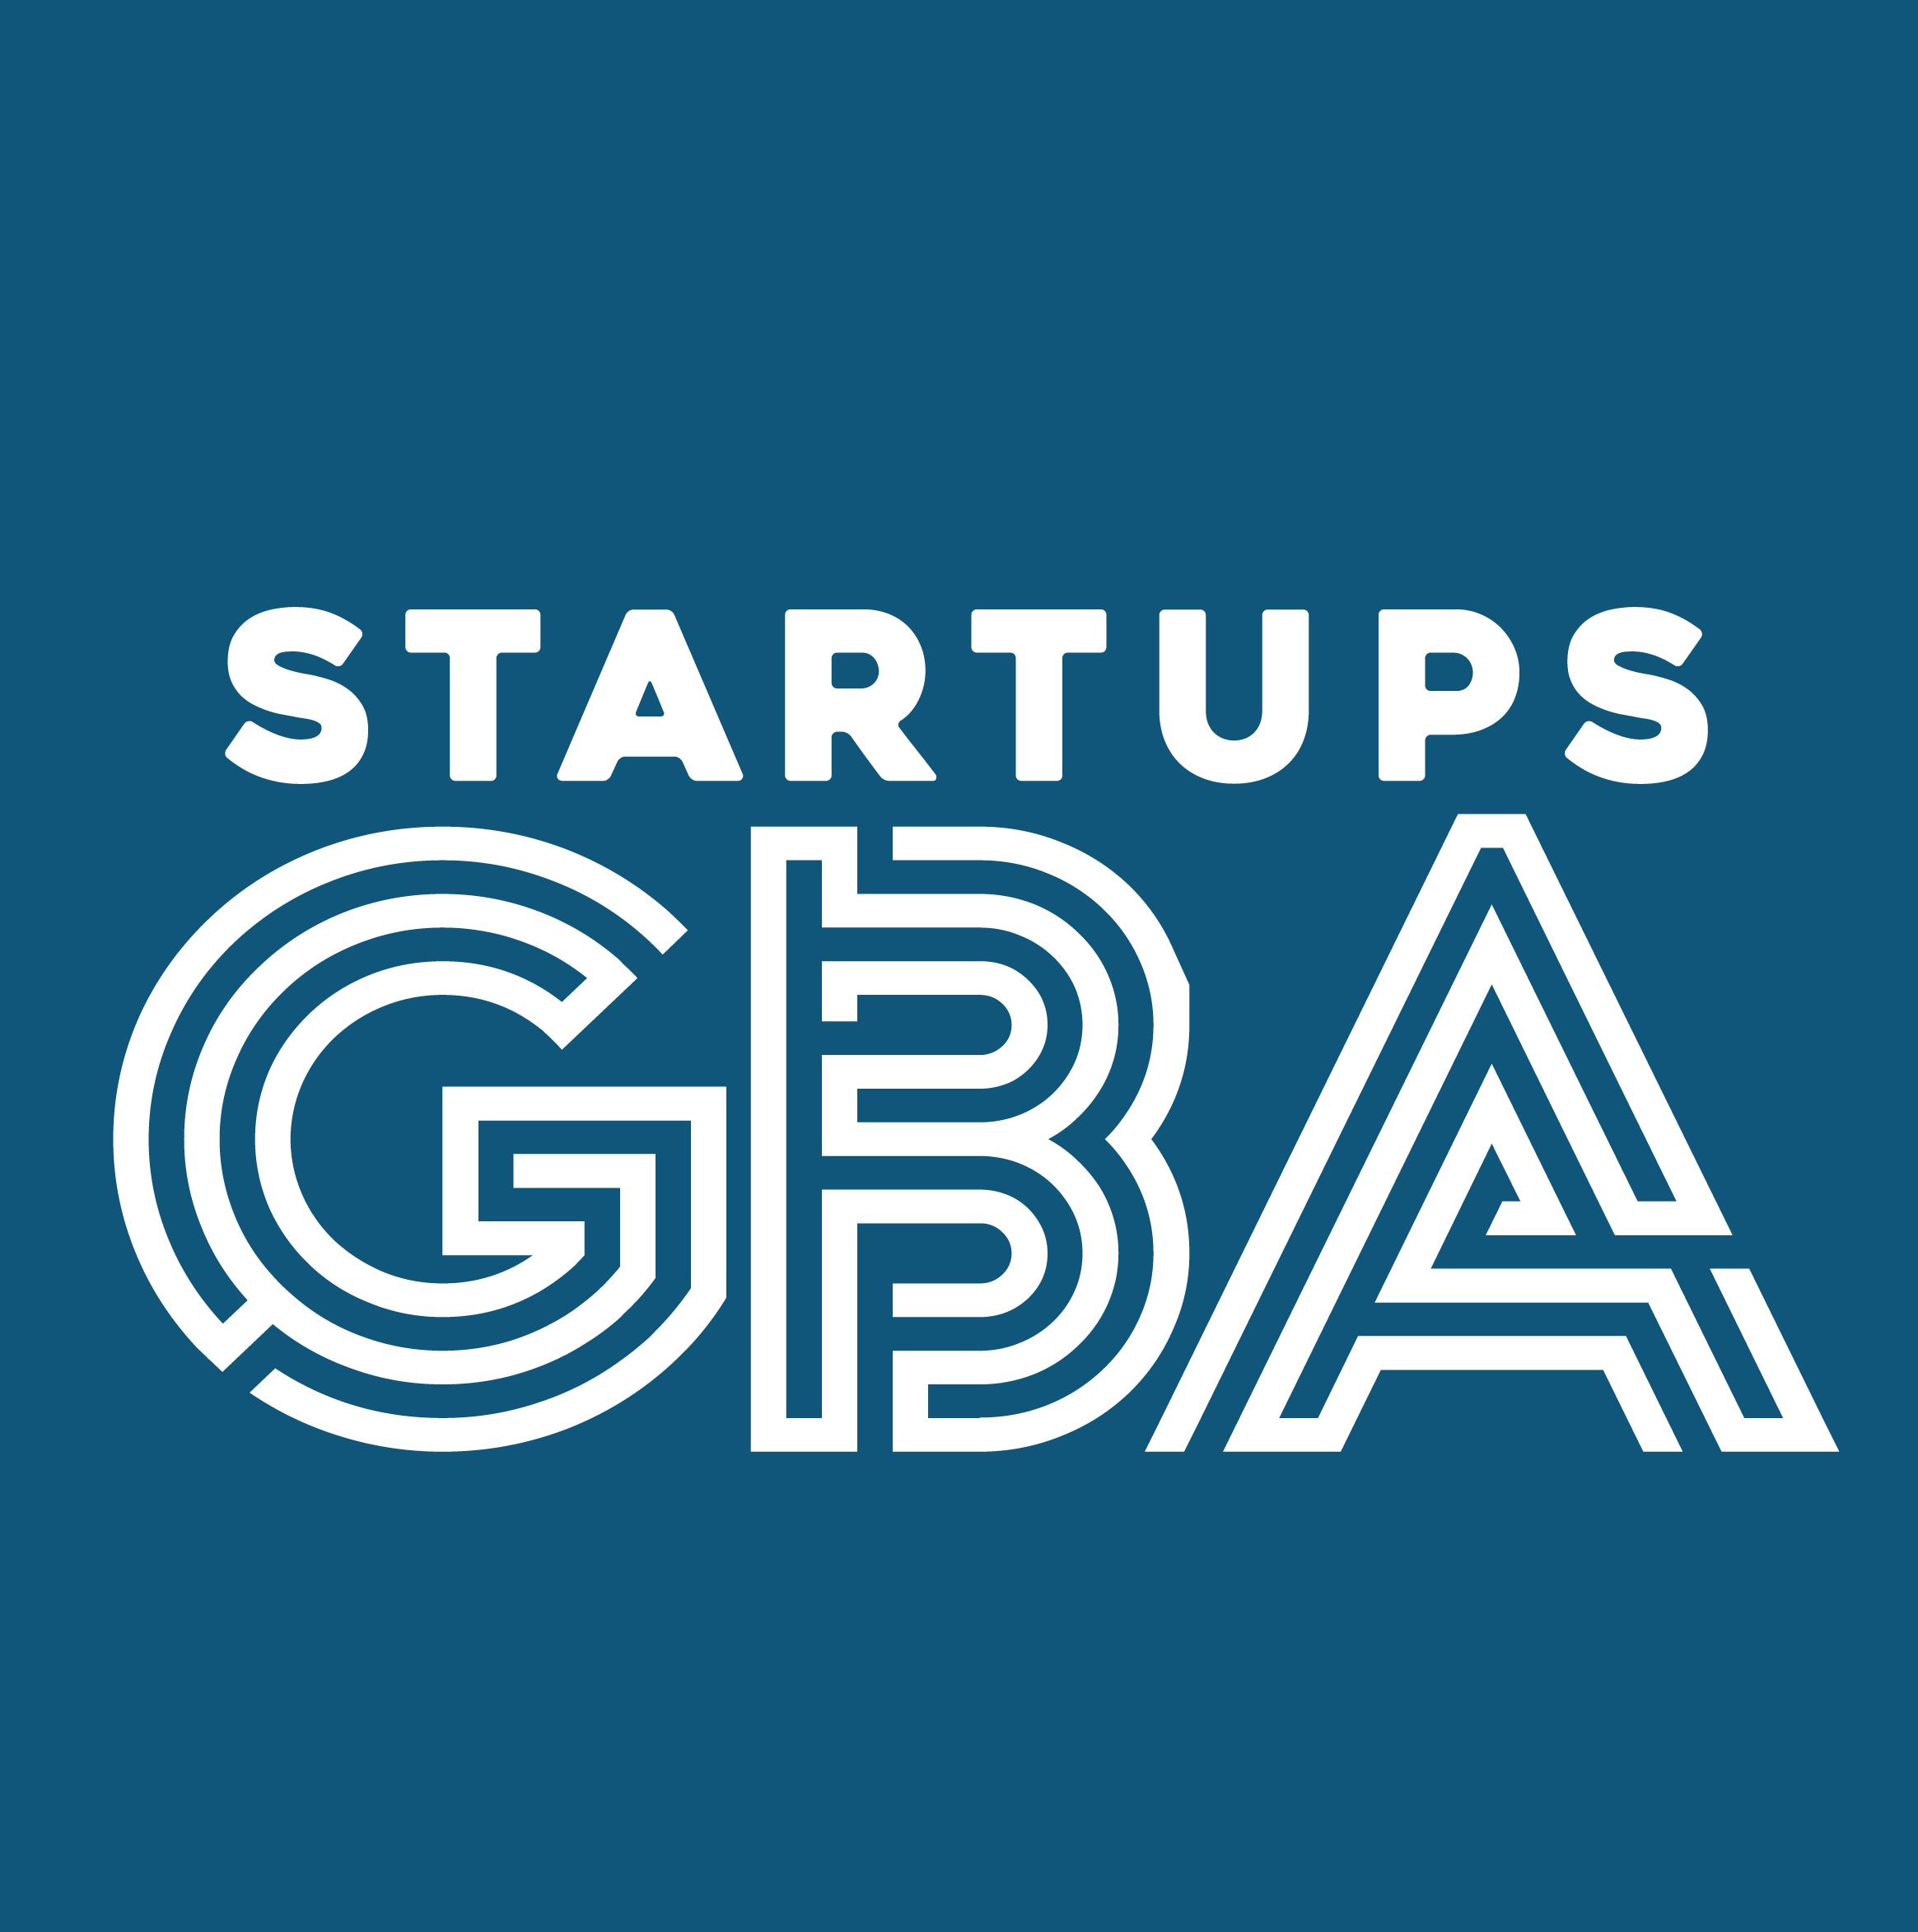 StartupsGBA